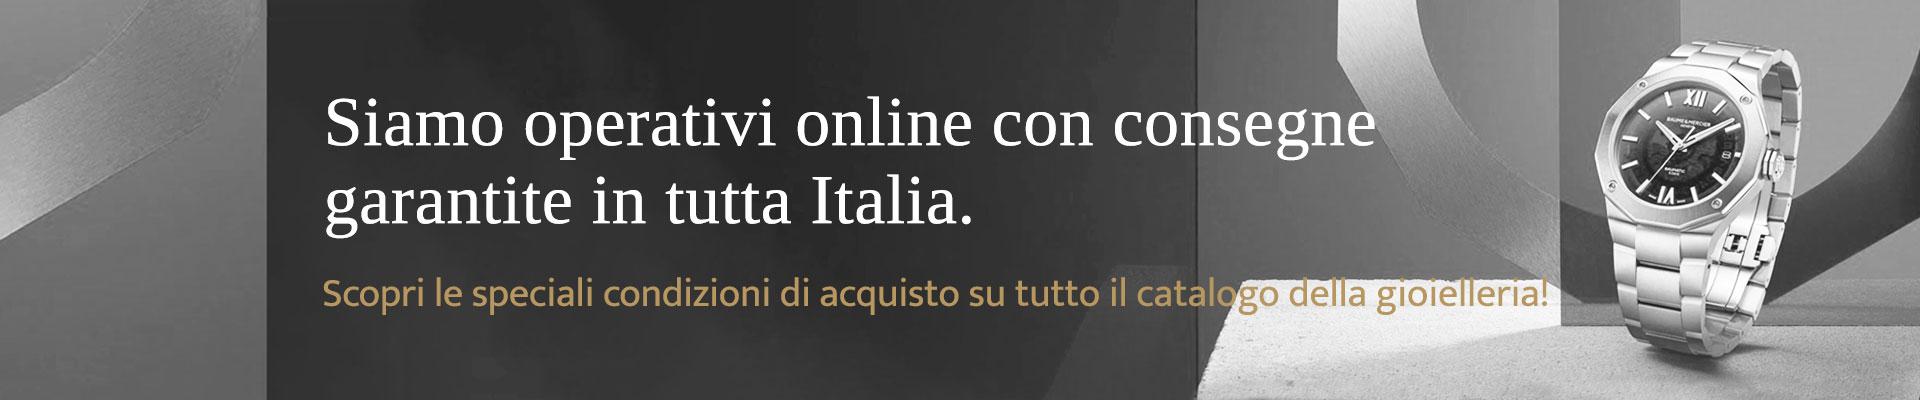 Gioelleria Pivano - Siamo operativi online con consegne garantite in tutta Italia